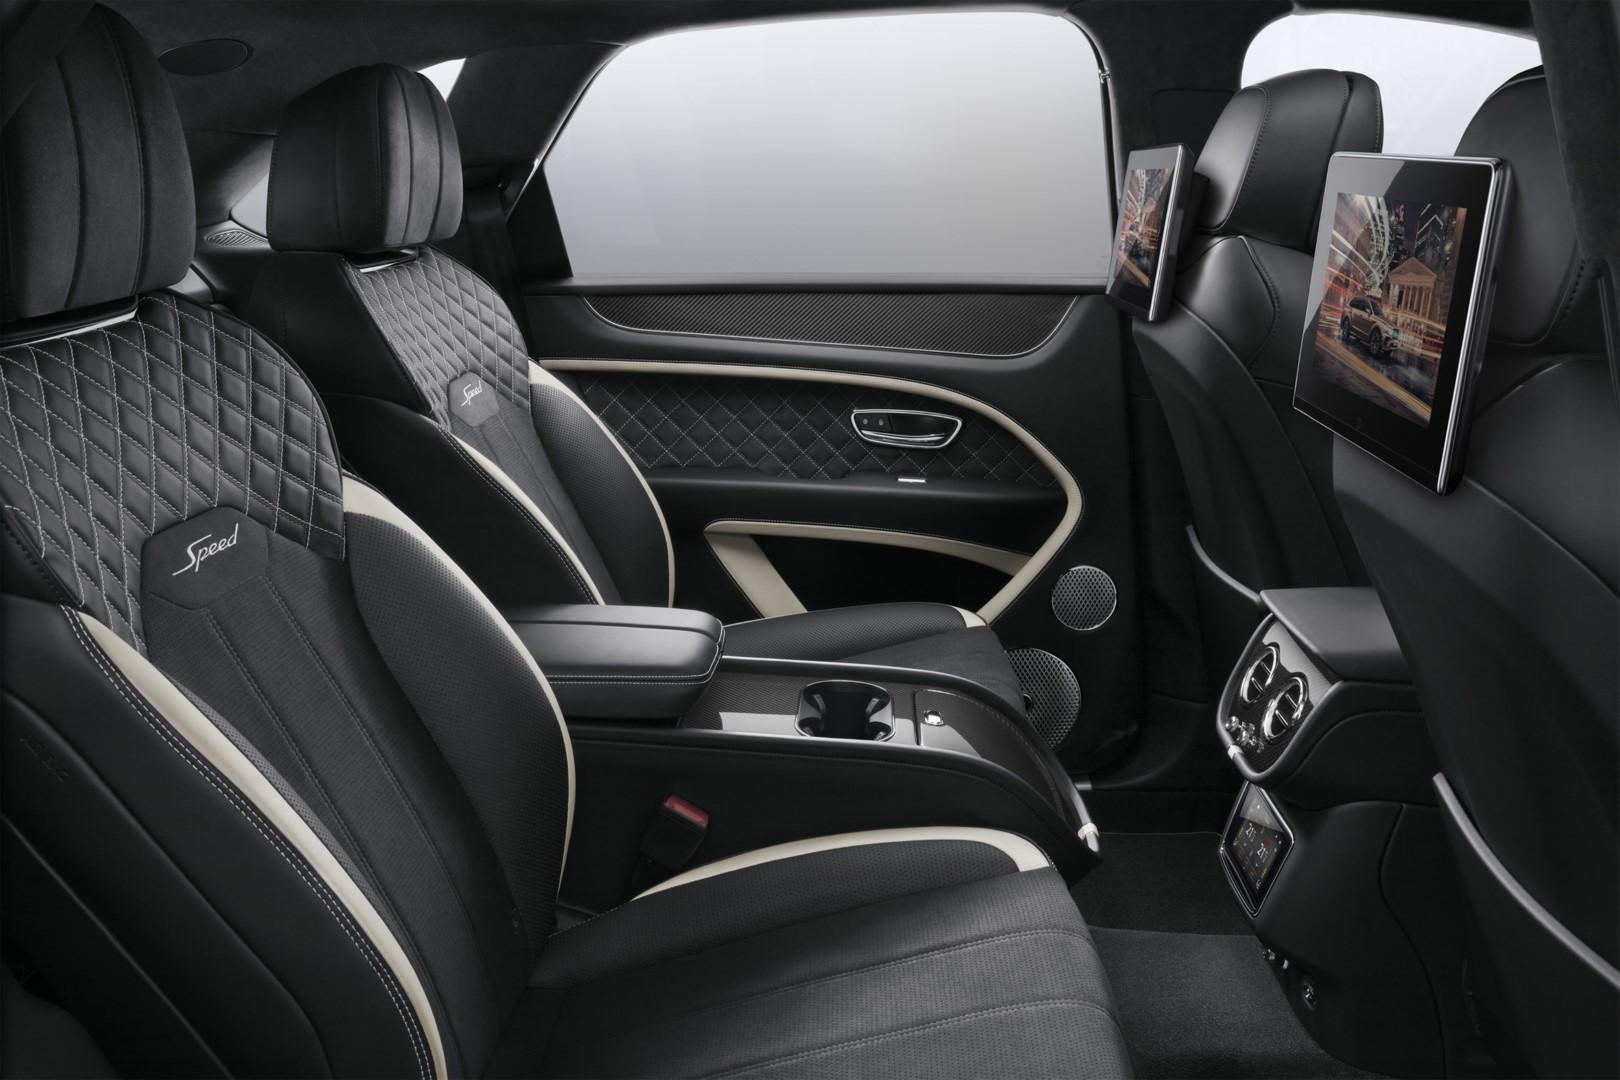 Bentley Rear Entertainment